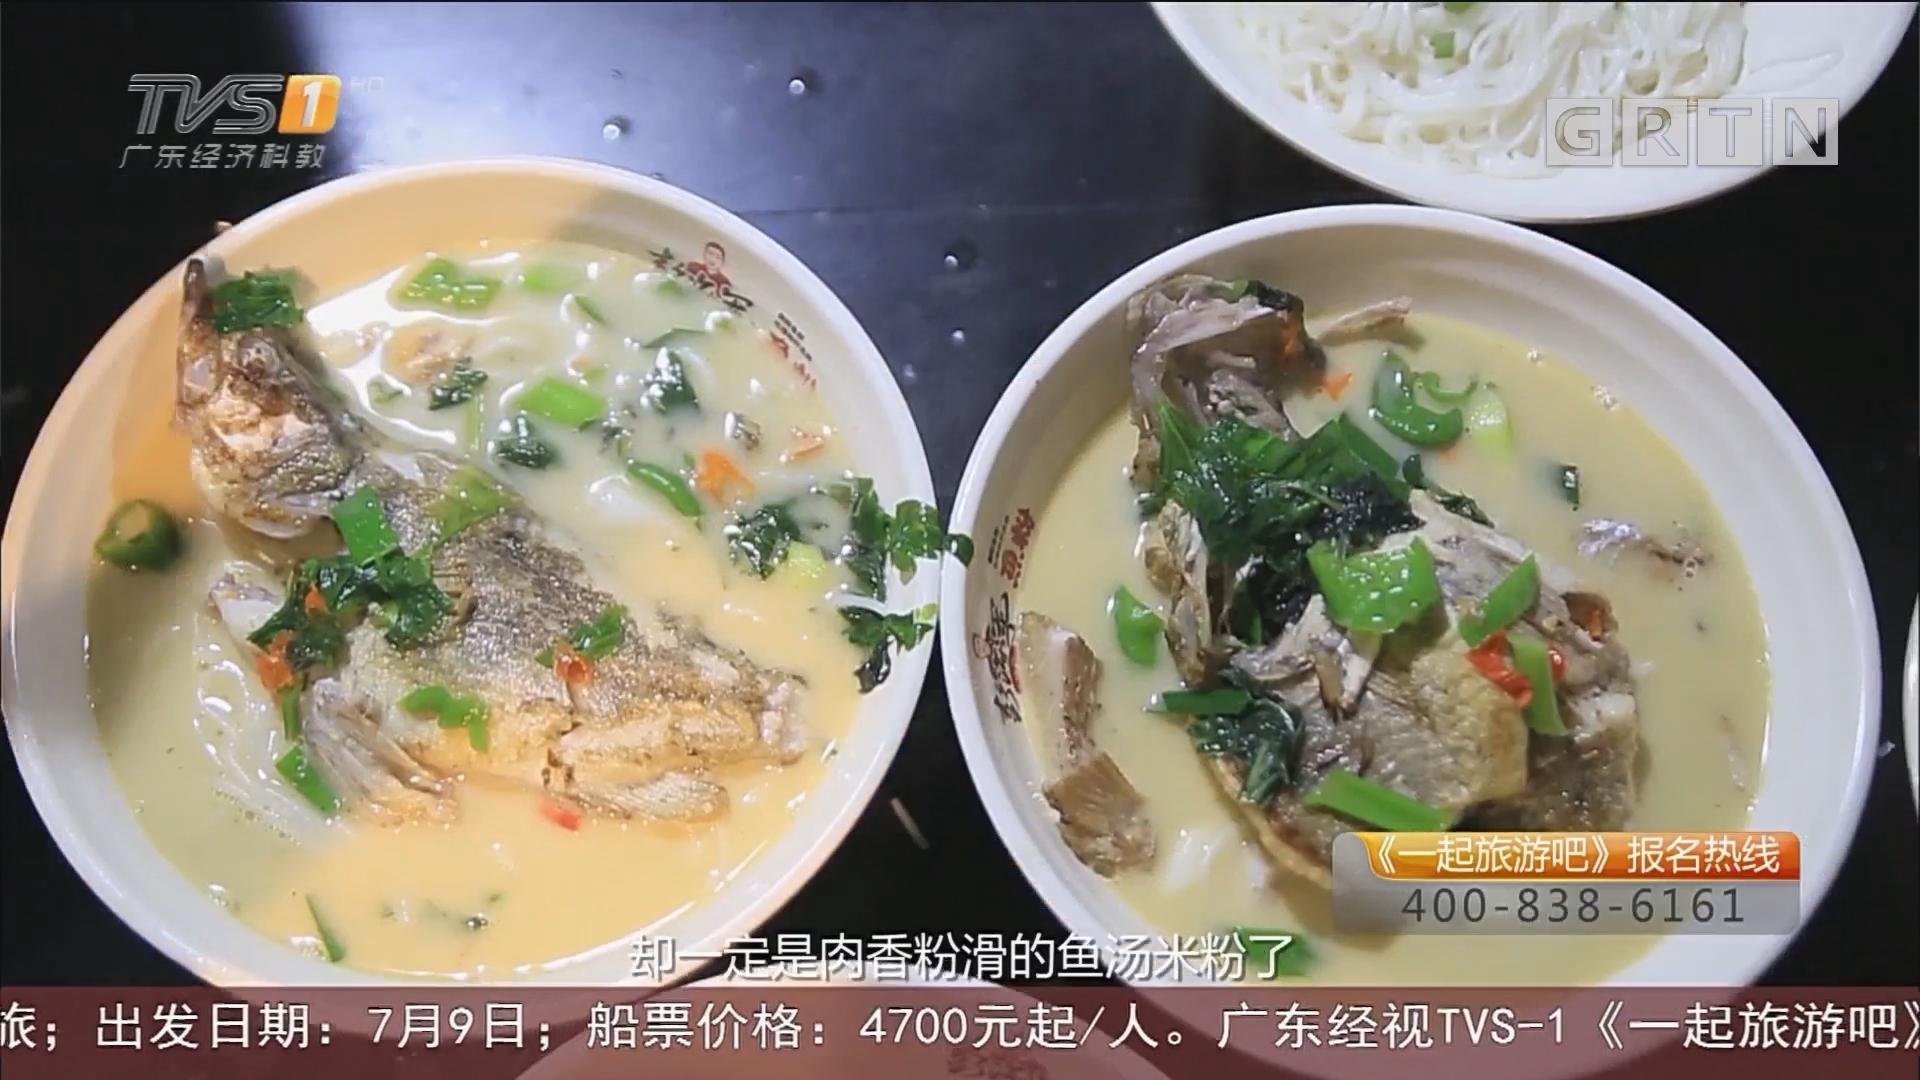 衡阳美食鱼粉